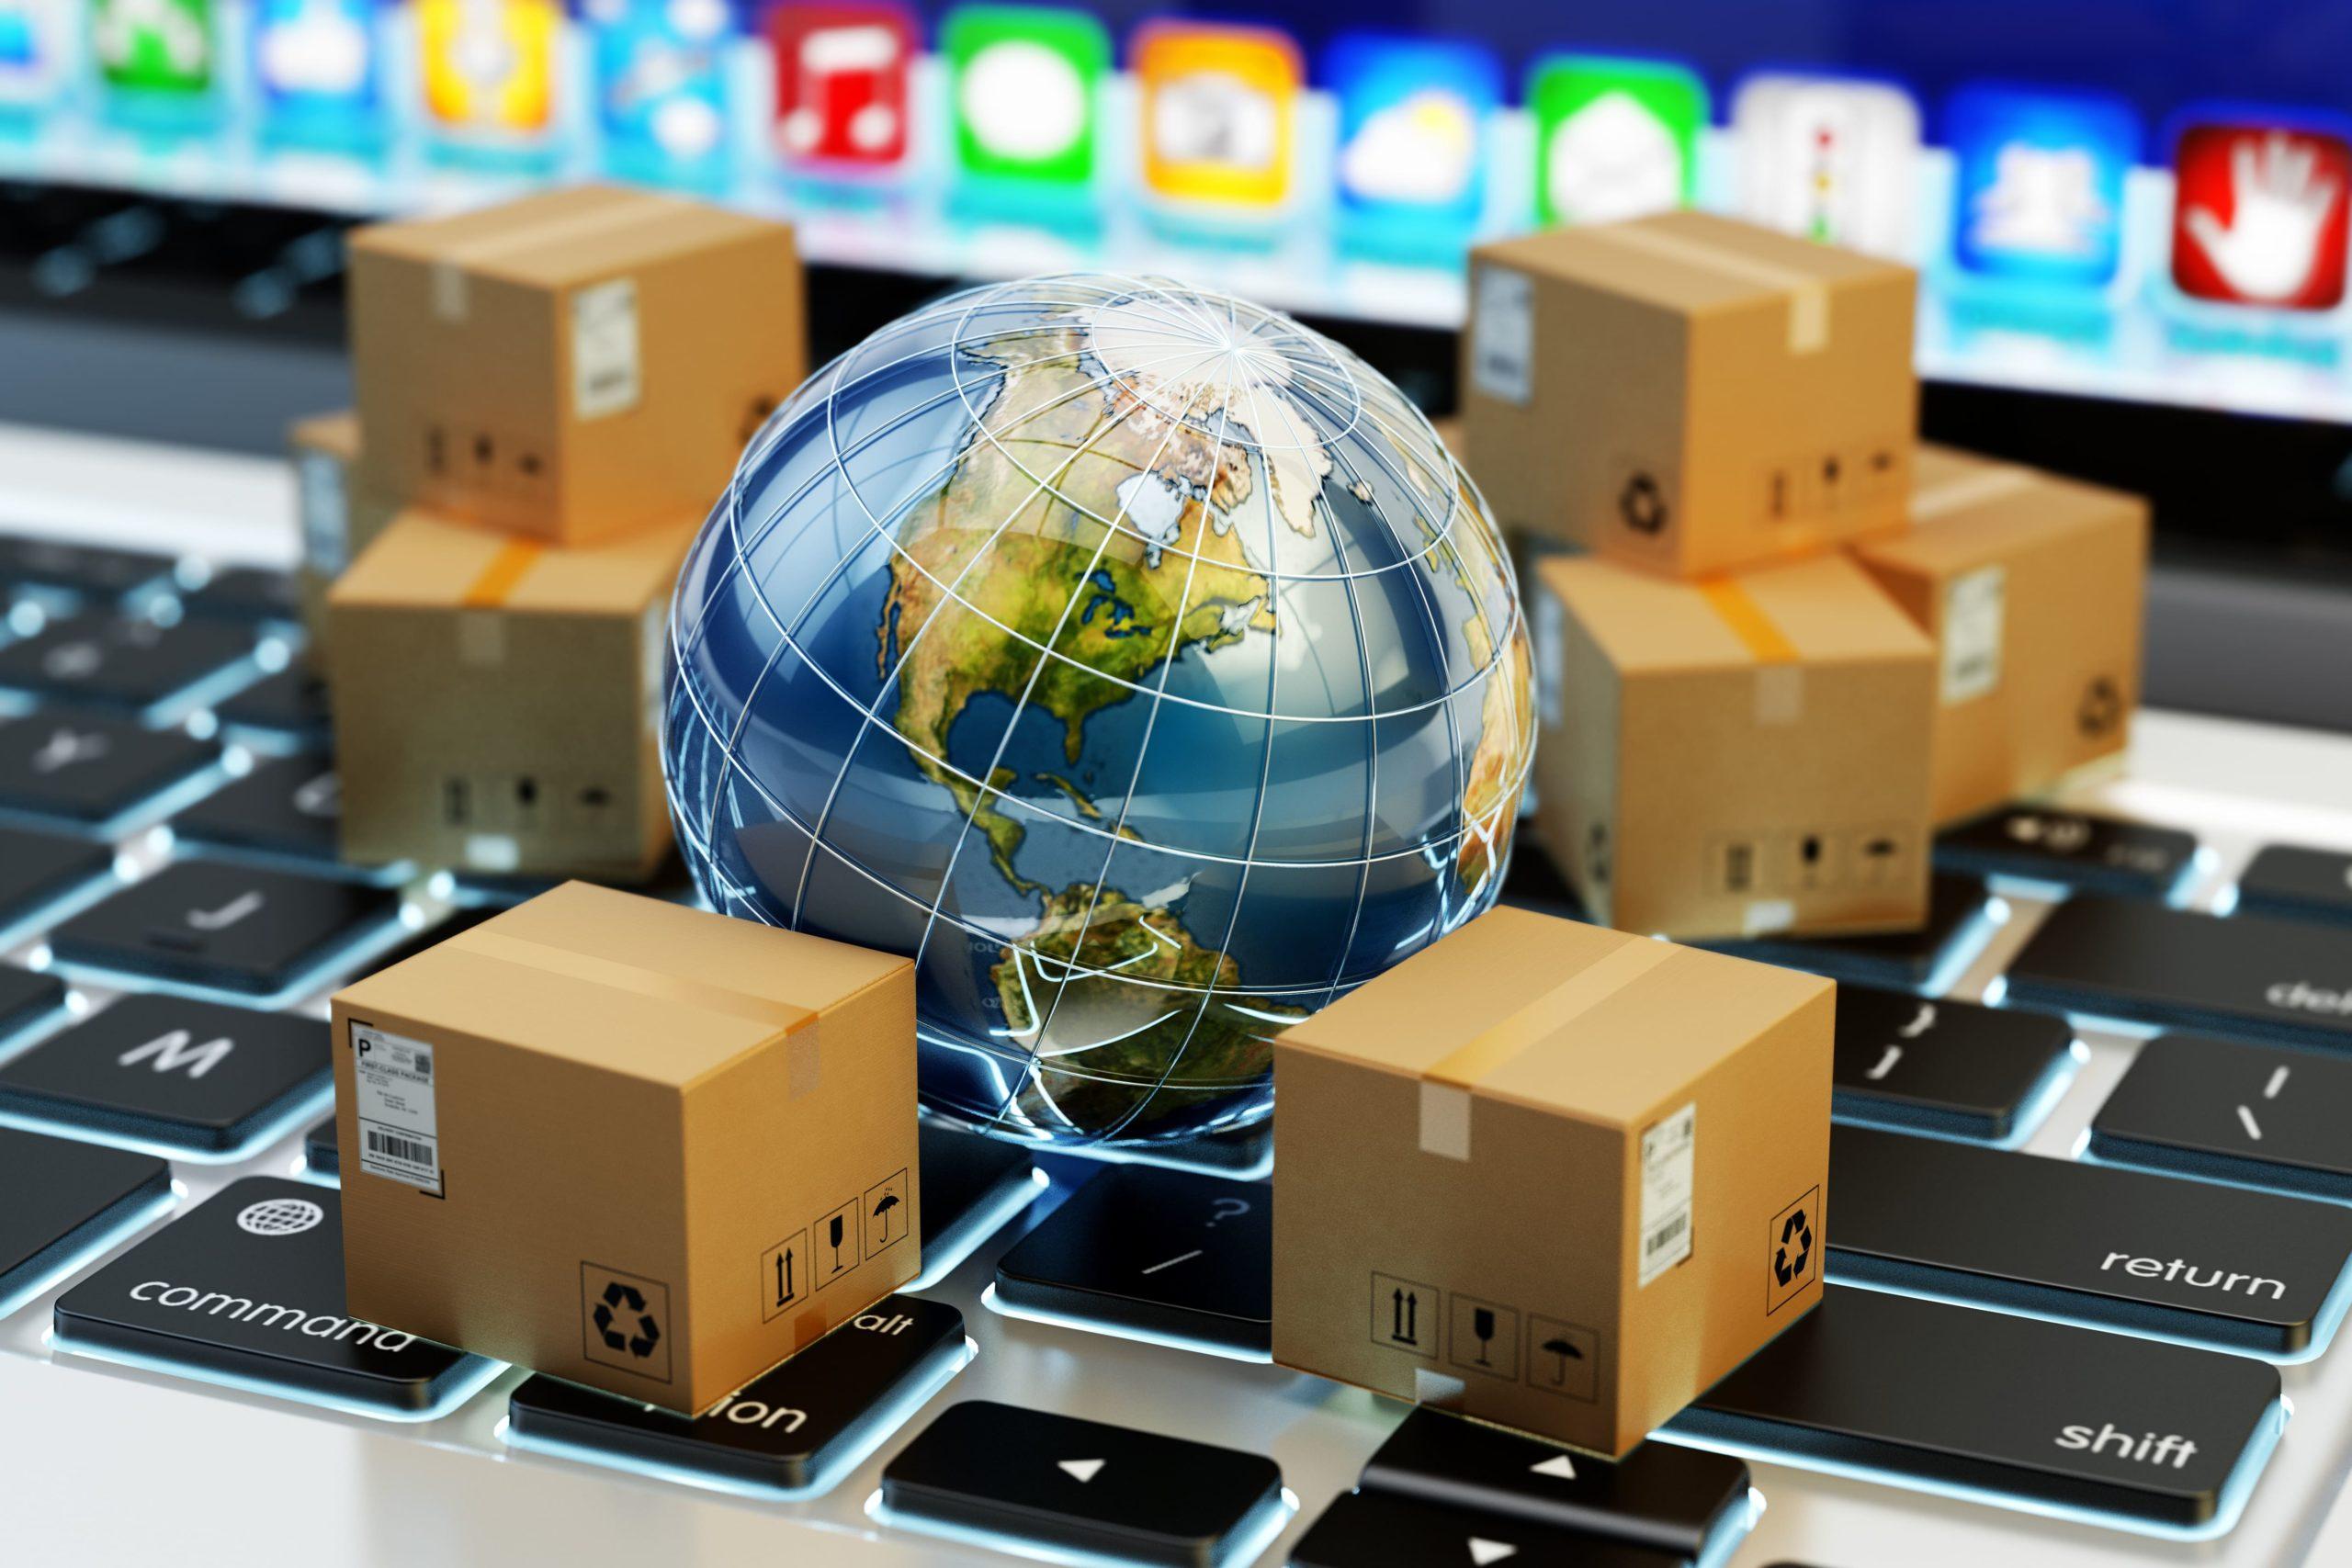 La etiqueta de envío contiene datos relevantes del paquete, así como de la tienda y del destinatario